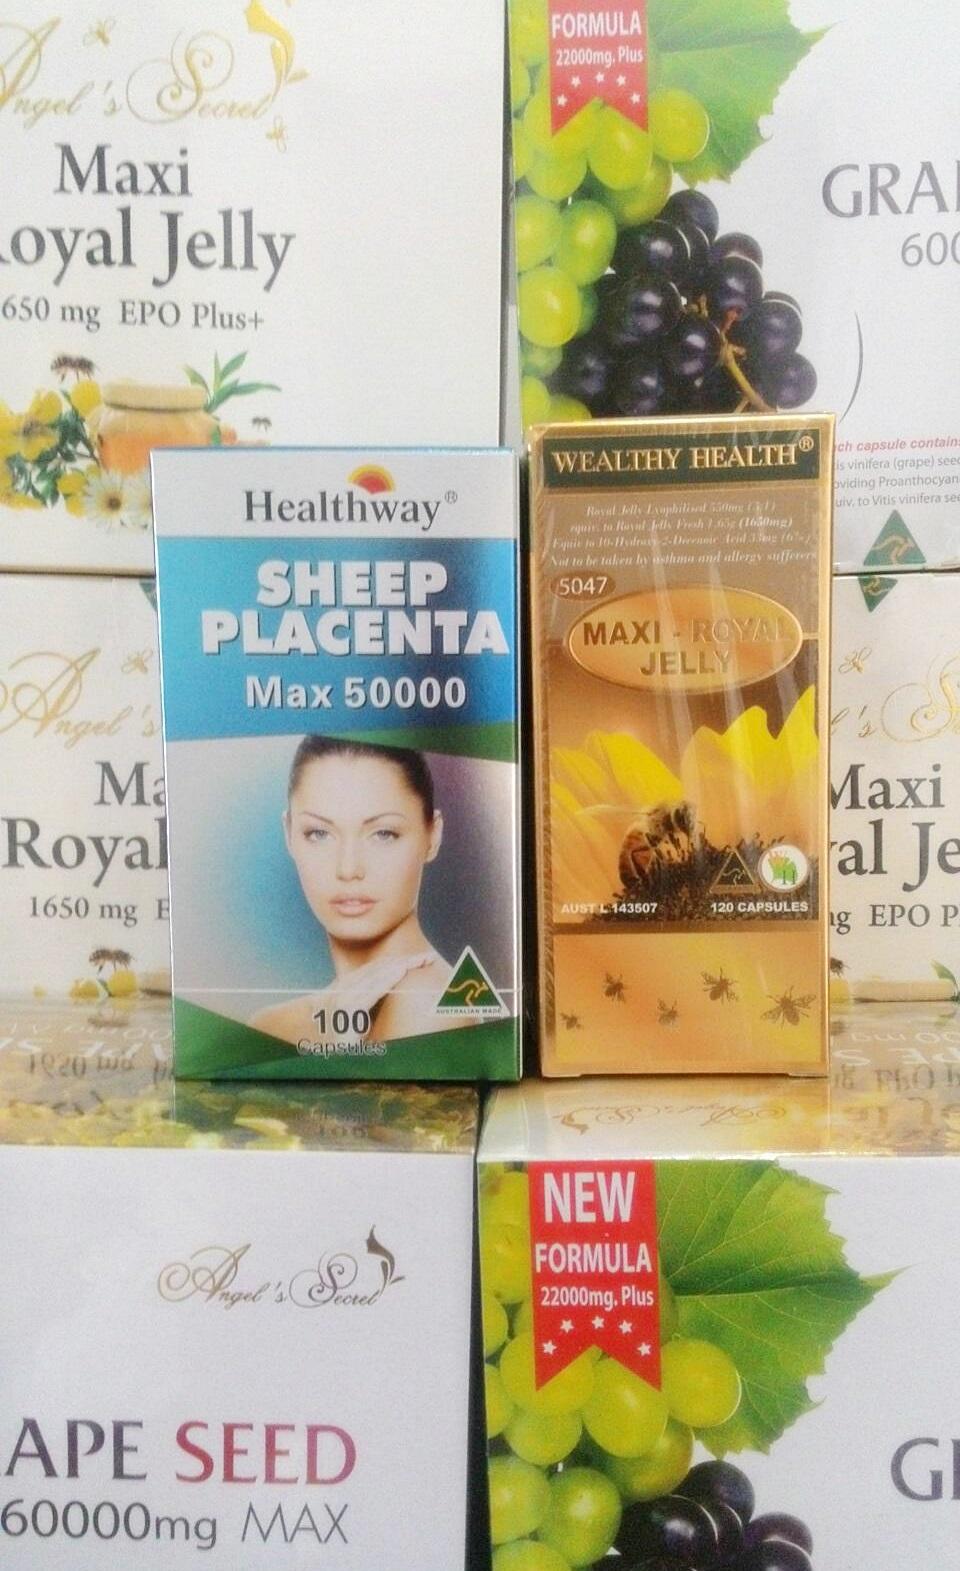 รกแกะ healthway 50,000 mg.max 30 เม็ด + นมผึ้งwealthy health maxi6%. 30 เม็ด เซตทดลองผิวกระจ่างใส อ่อนเยาว์